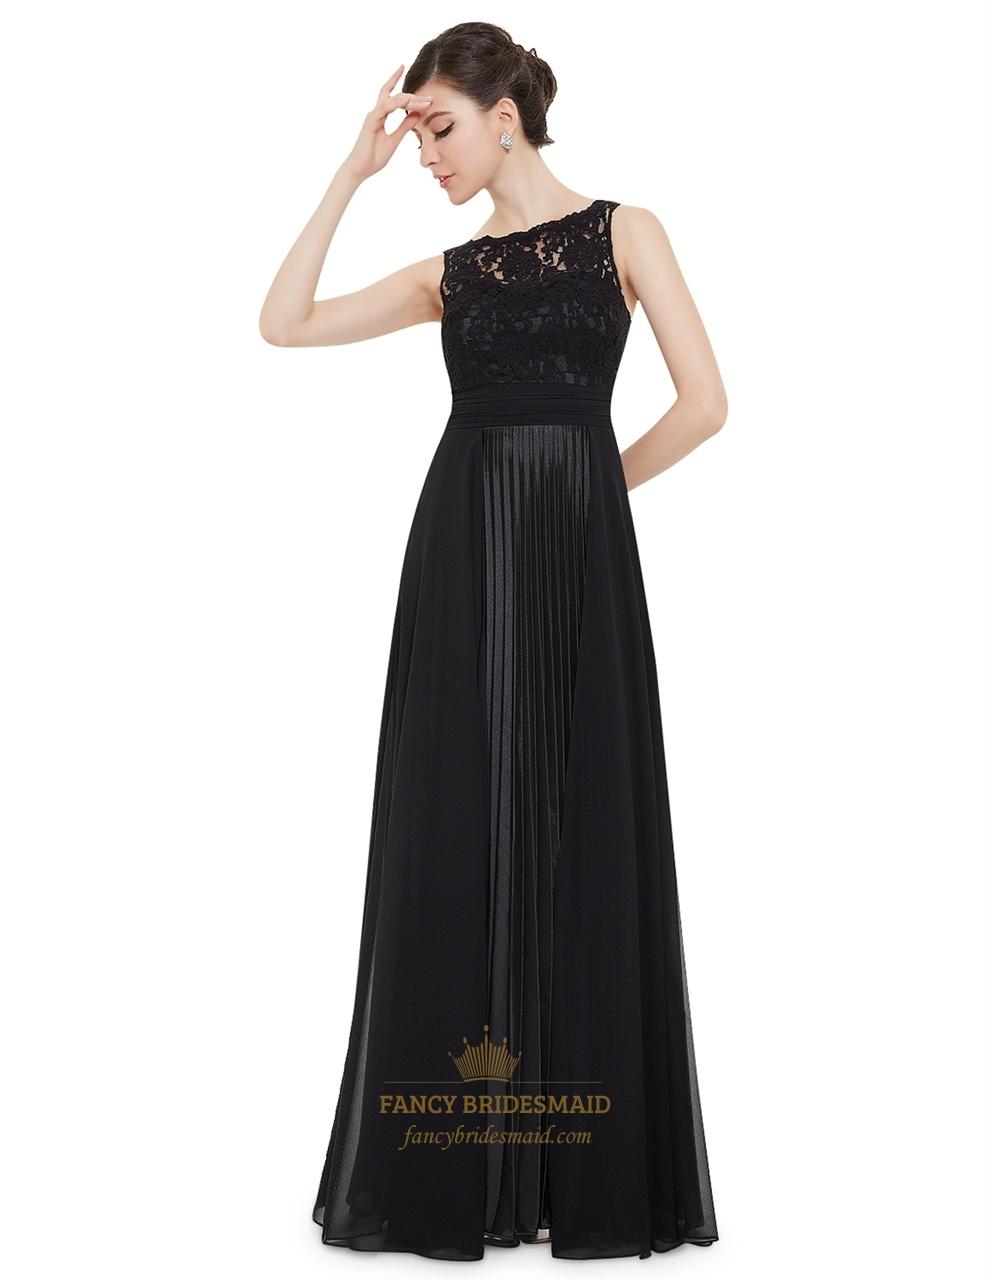 Long black lace bridesmaid dresses